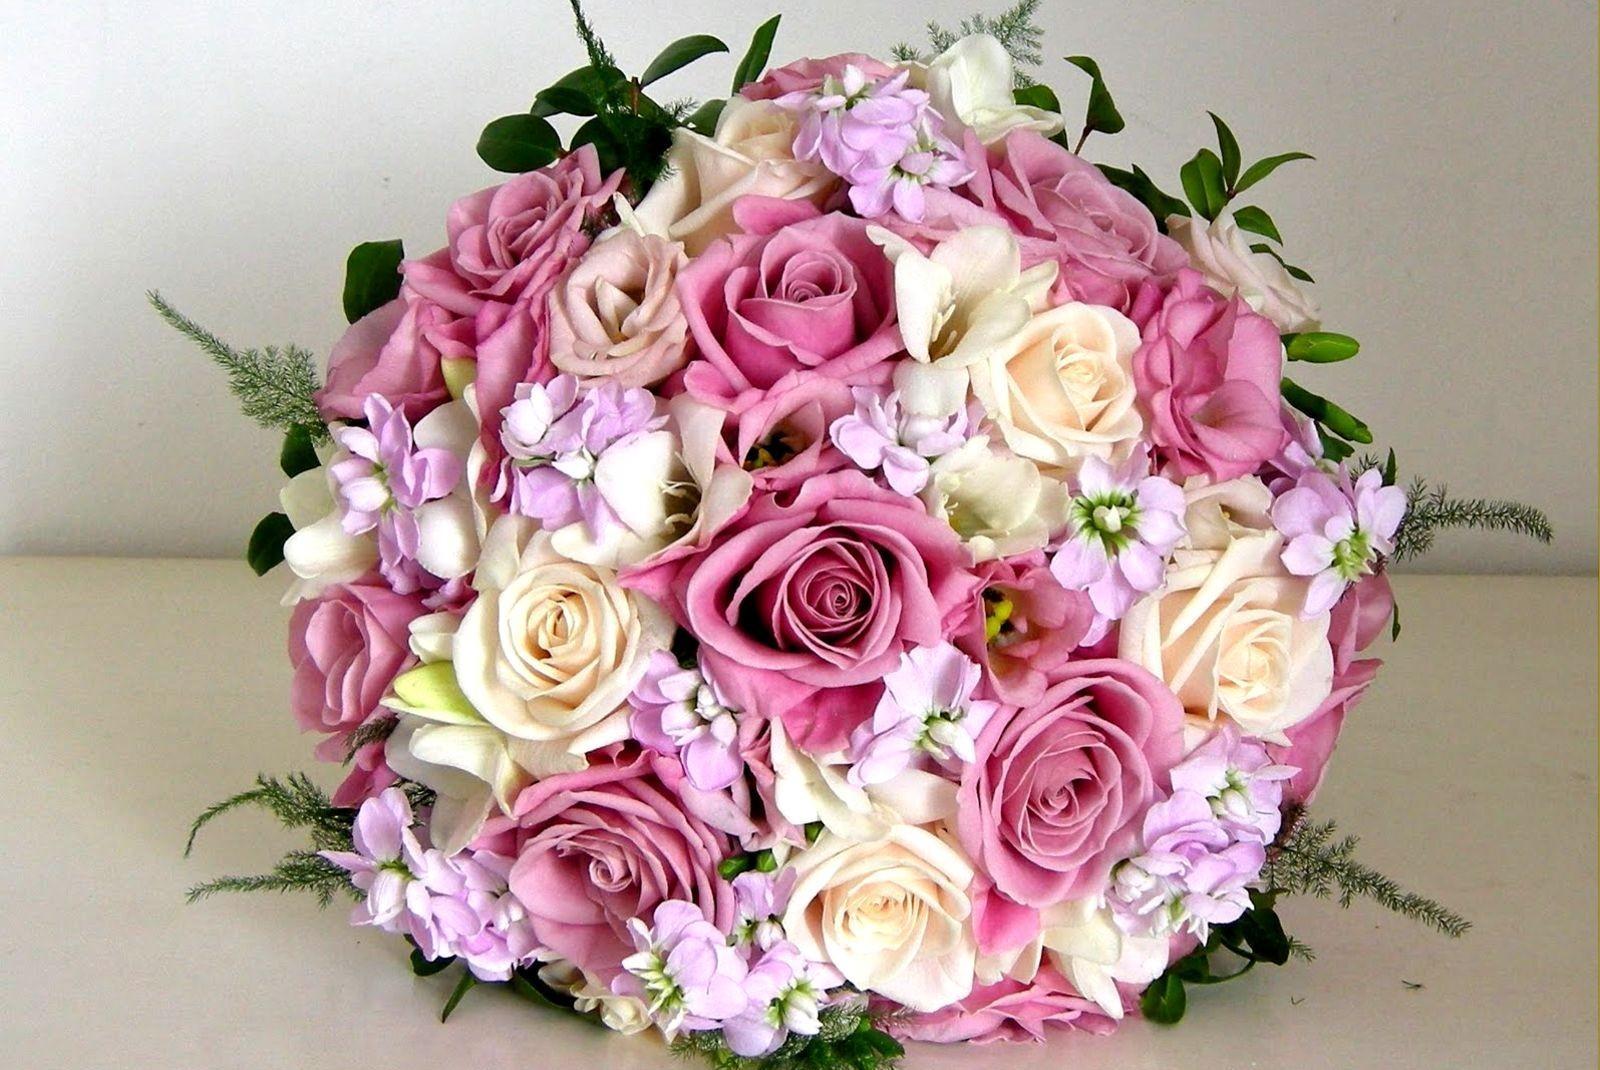 デスクトップ壁紙 バラ フラワーズ ブーケ バルーン 装飾